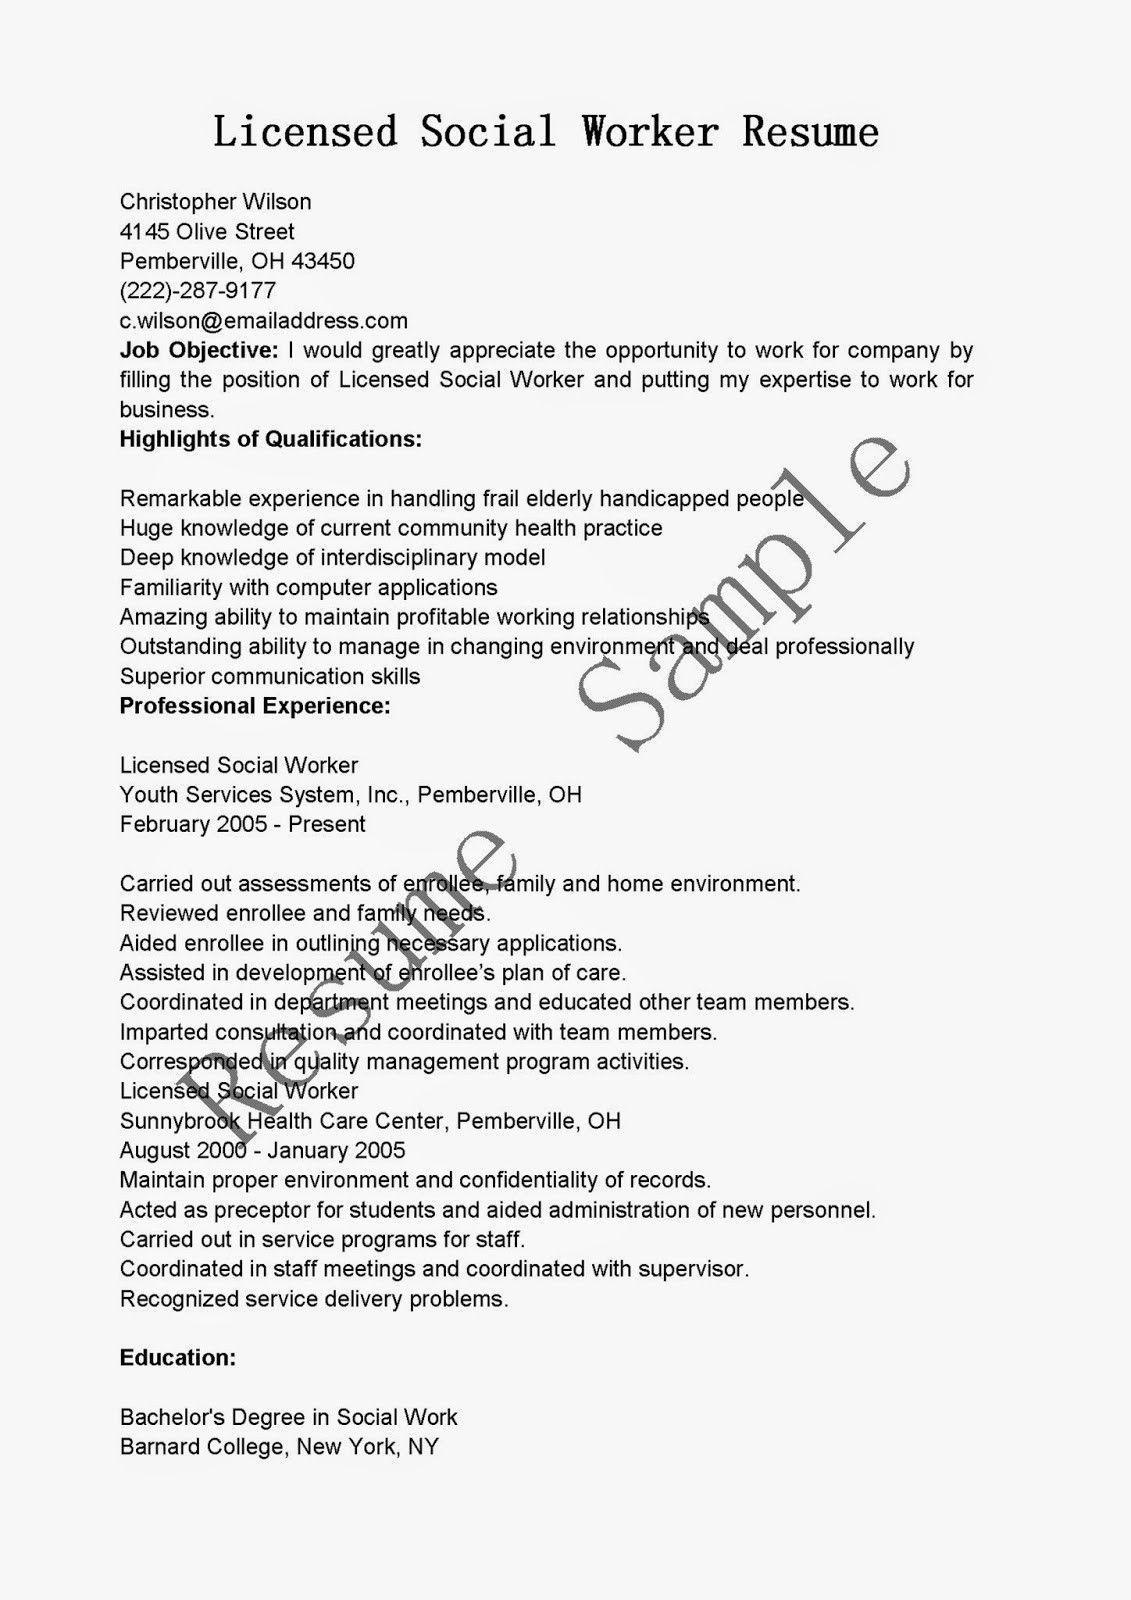 Resume For Social Work Well Designed Resume Samples Licensed Social Worker Resume Sample Of 3 Licensed Social Worker Resume Examples Good Resume Examples